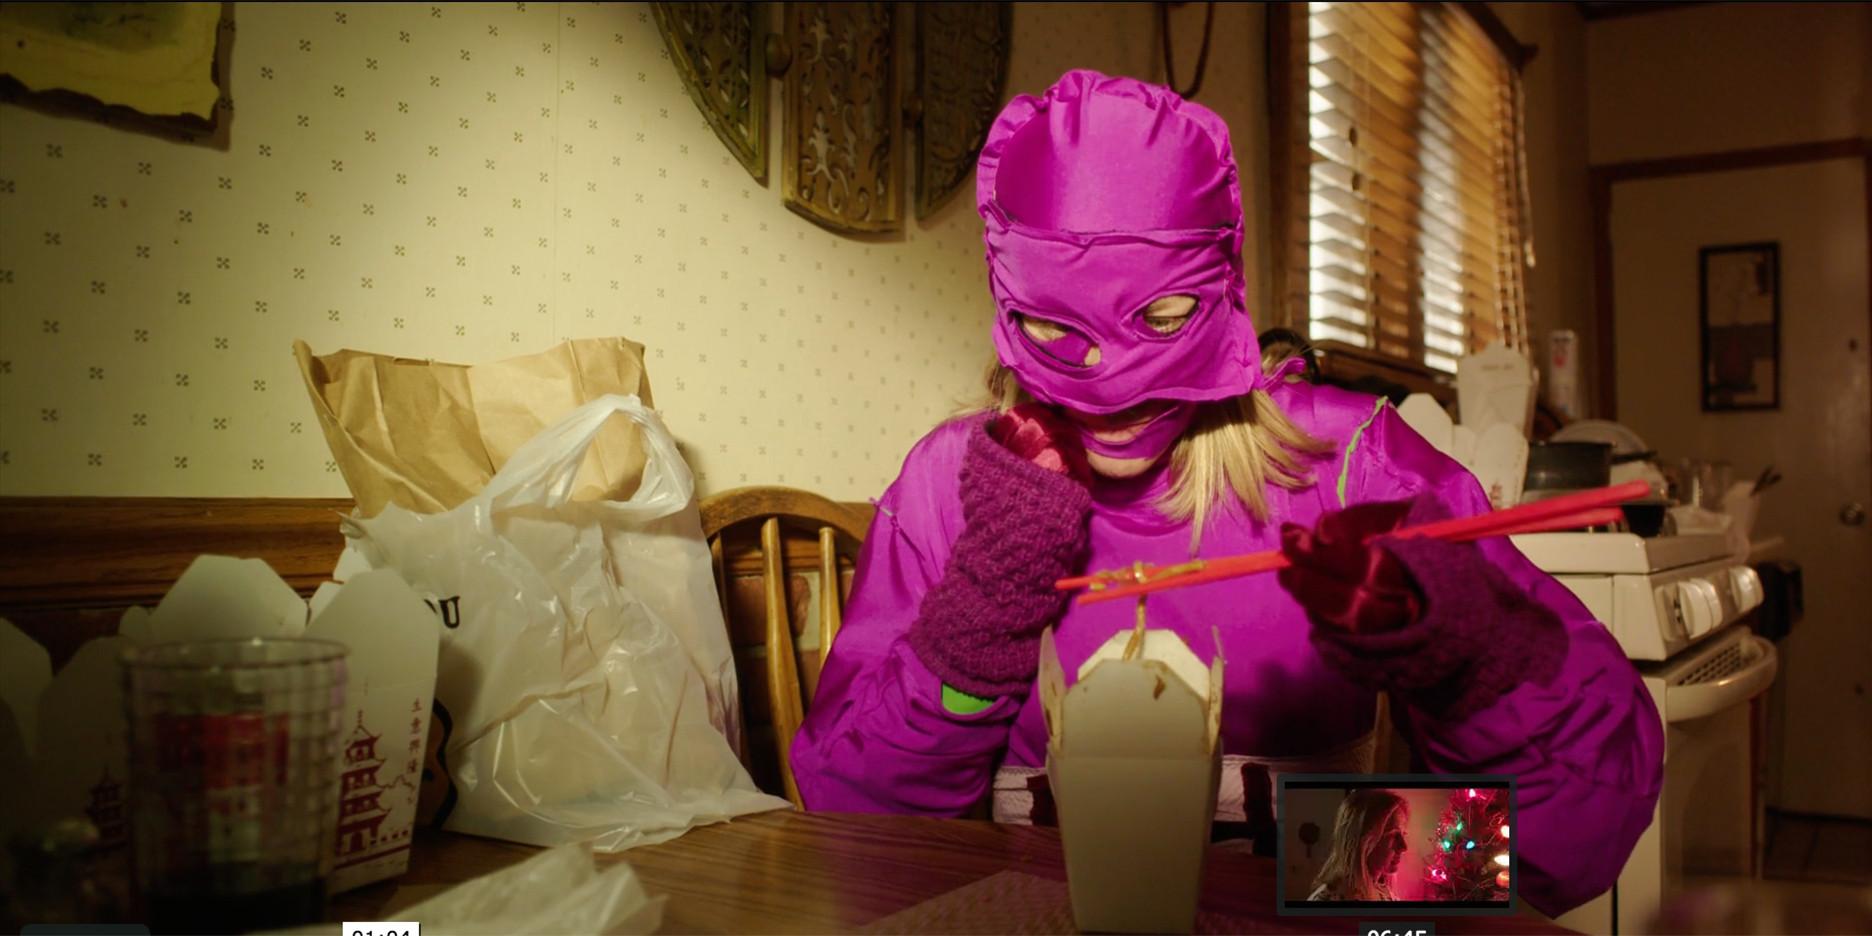 purplehaze1.jpg